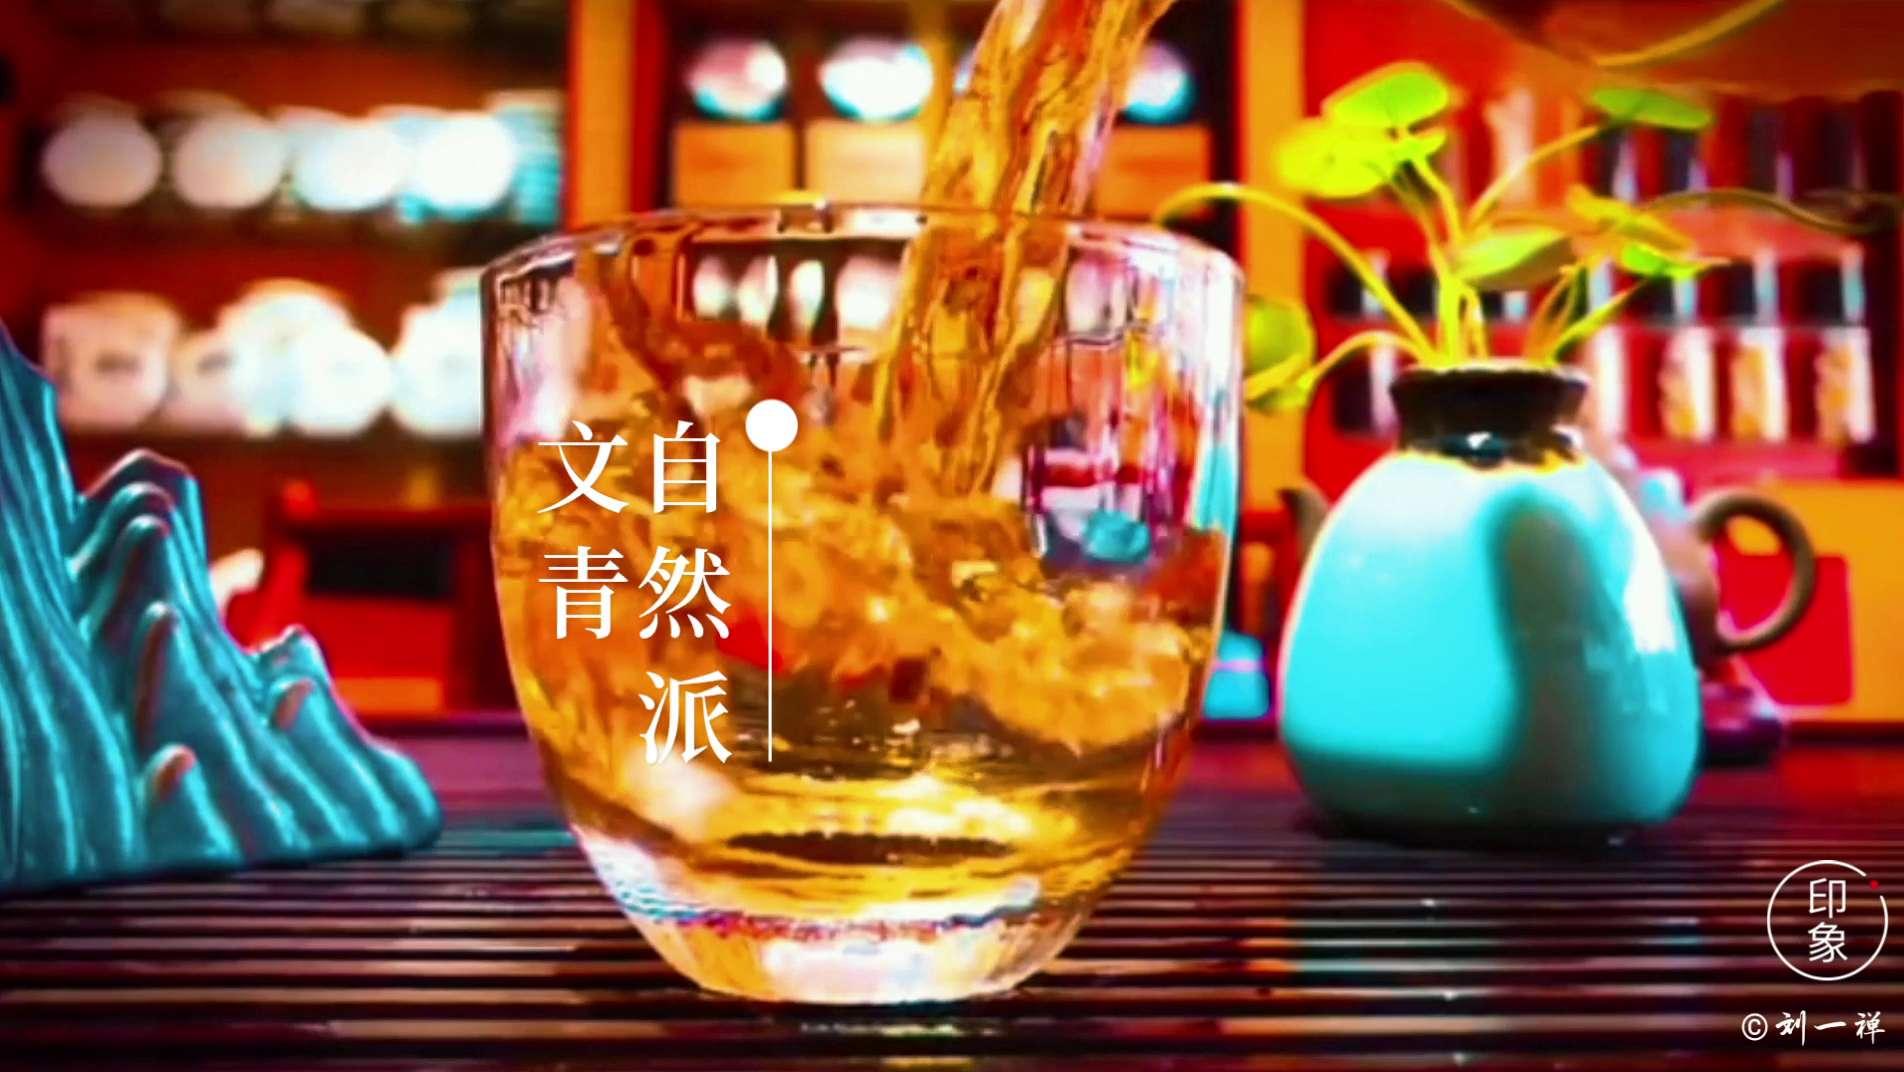 【晚安】我的茶生活,花粉随手拍-花粉俱乐部